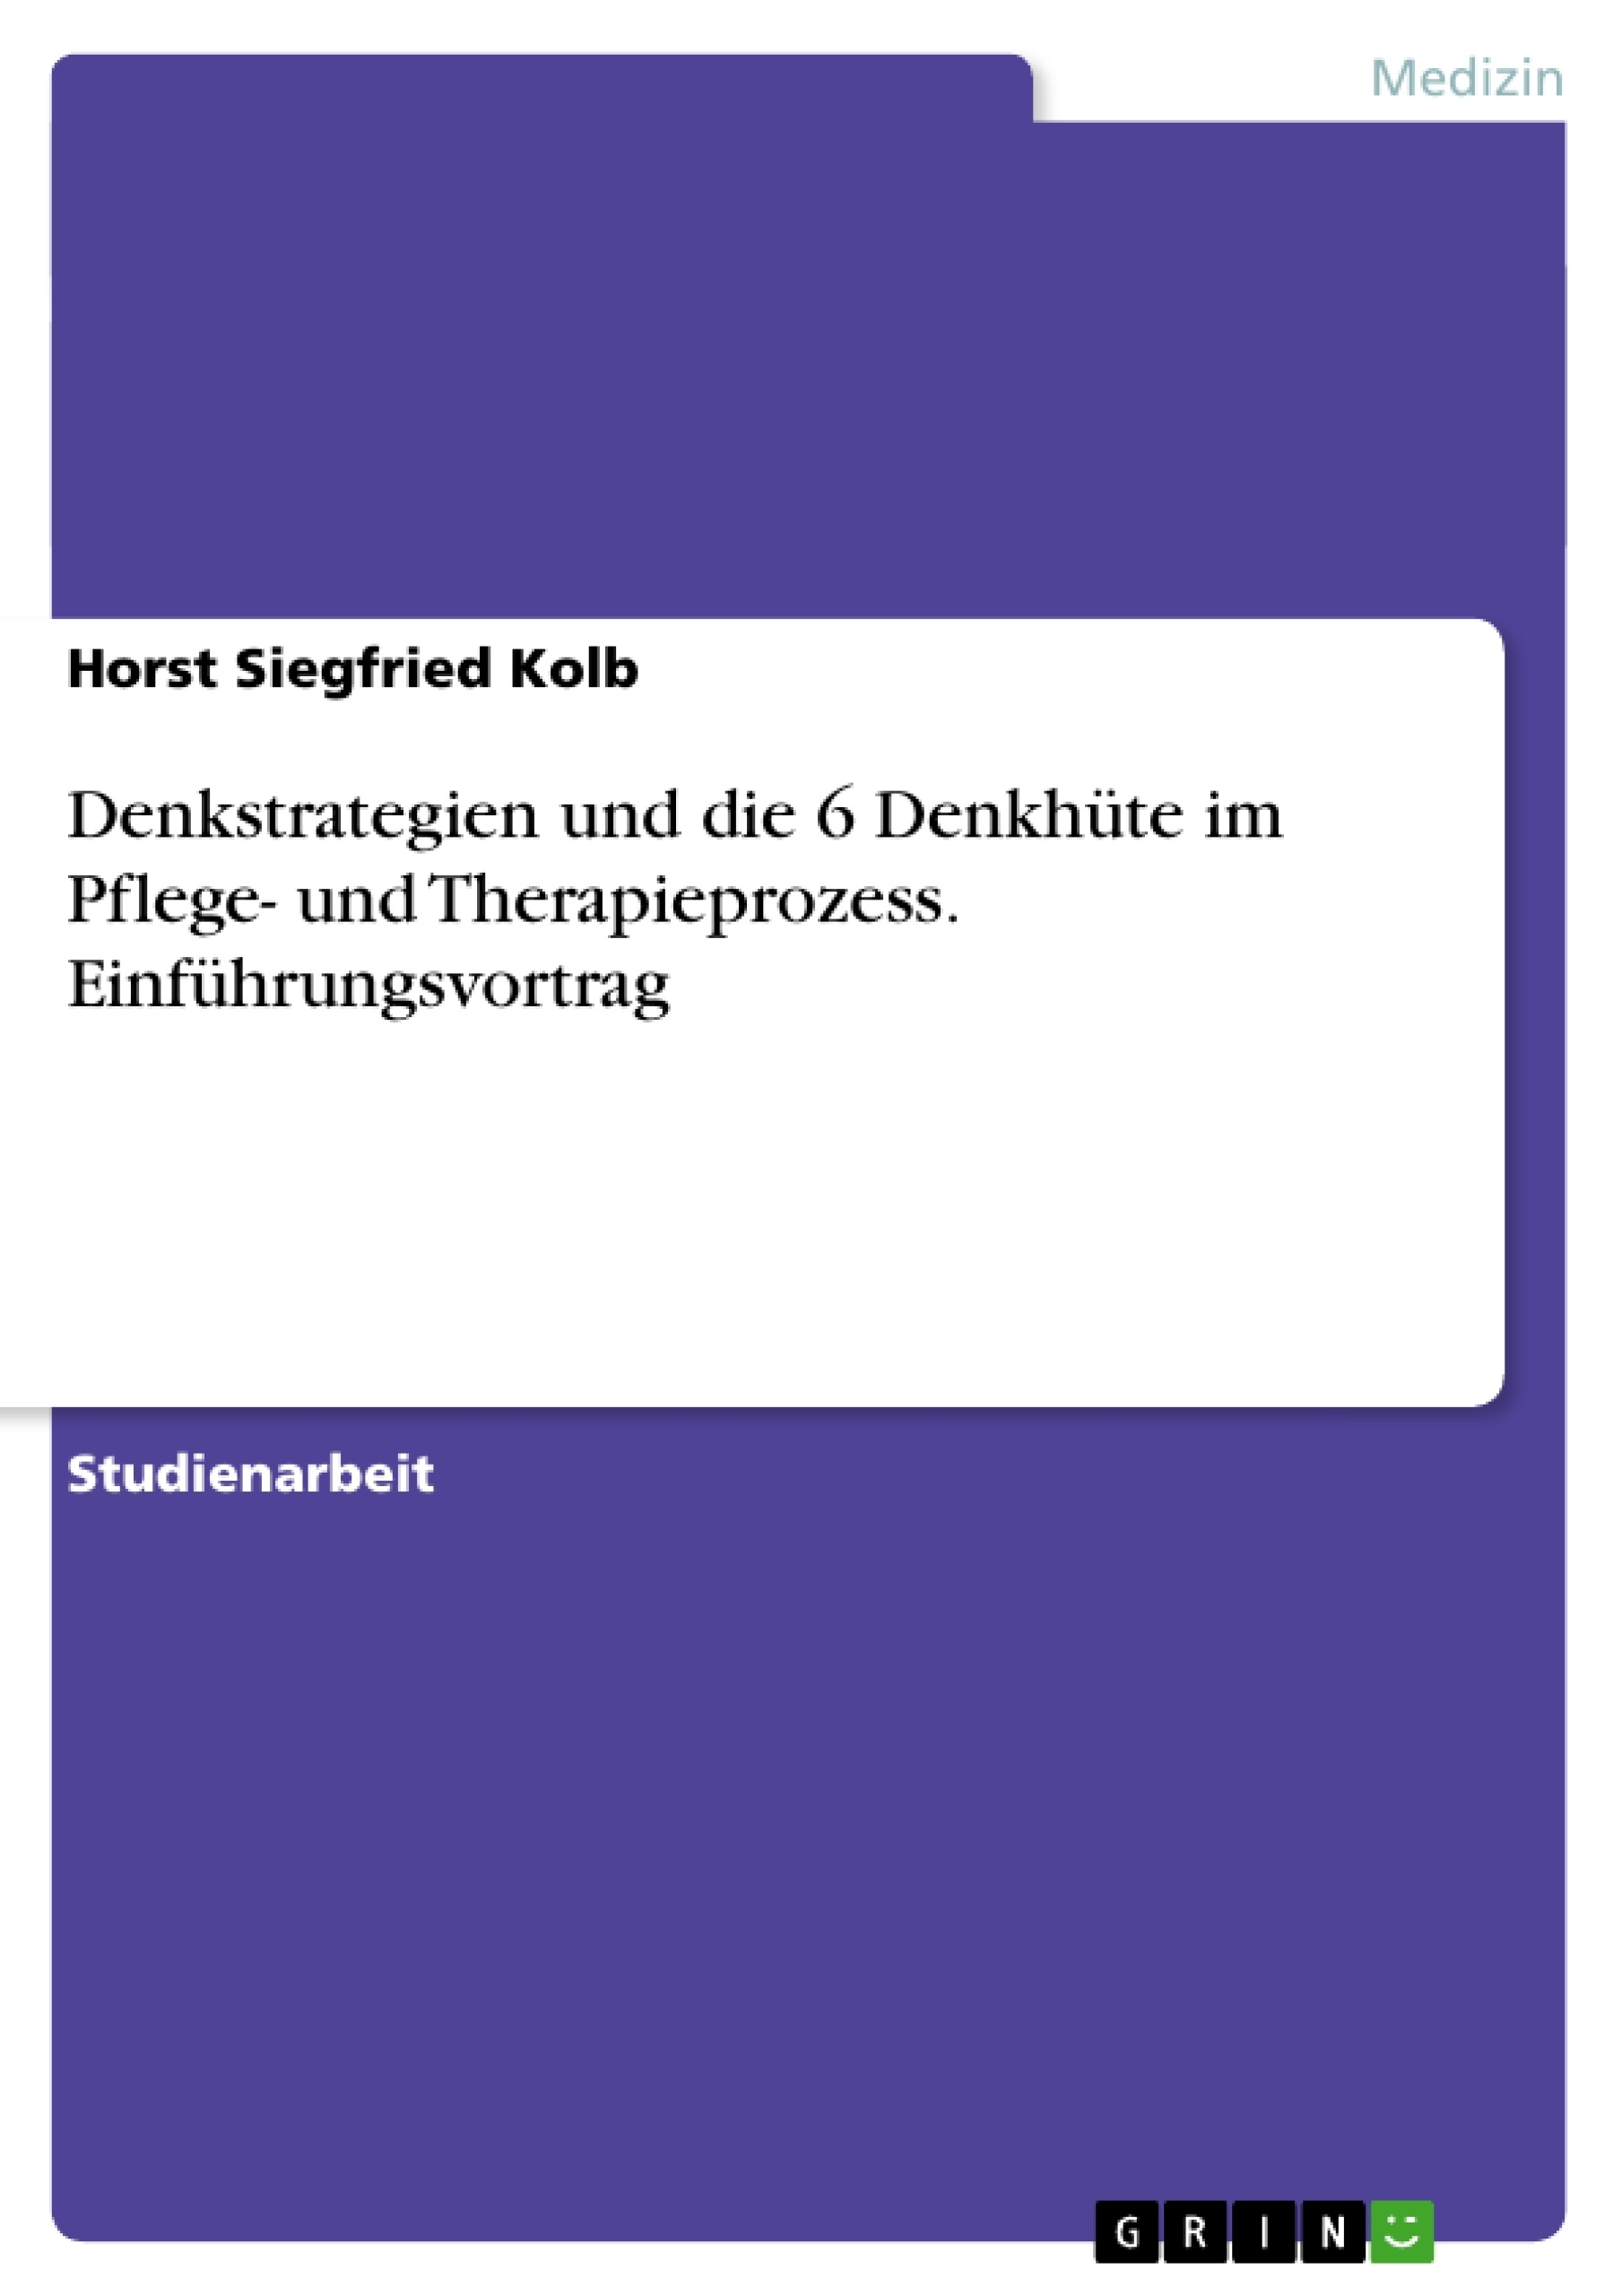 Titel: Denkstrategien und die 6 Denkhüte im Pflege- und Therapieprozess. Einführungsvortrag